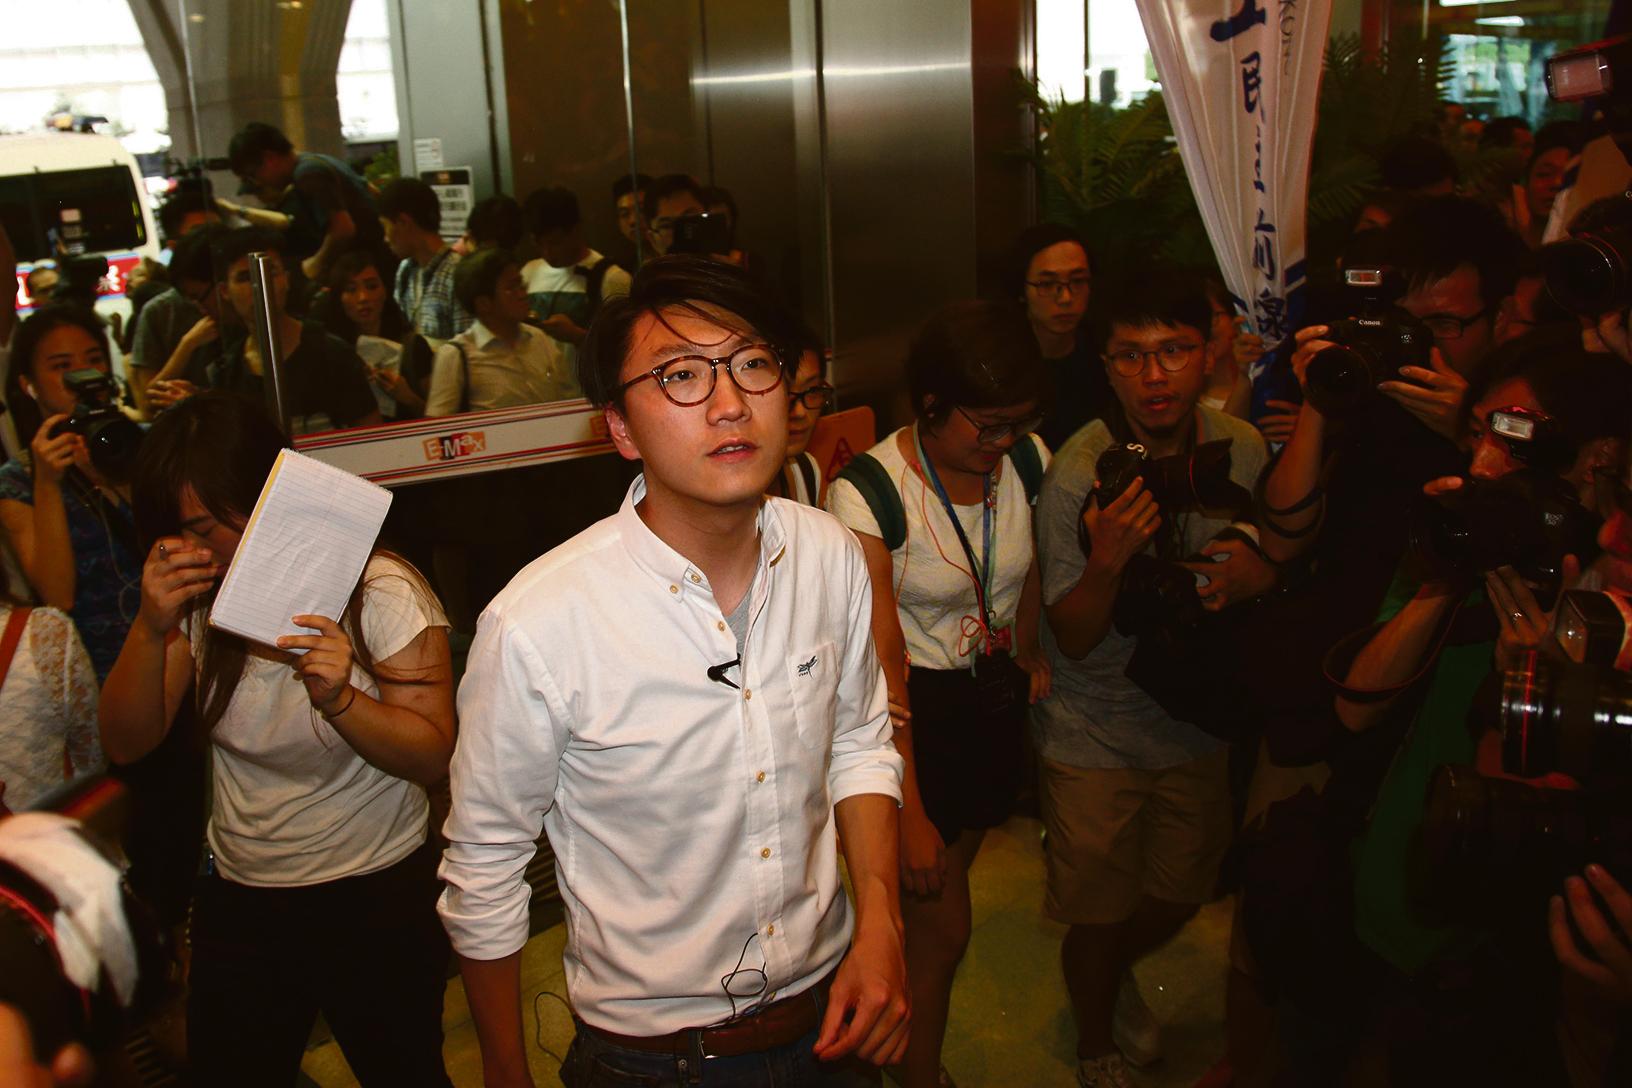 曾抱有港獨主張的本土民主前線成員梁天琦,被選舉主任拒絕參選立法會,引起社會激烈反彈。(大紀元資料圖片)